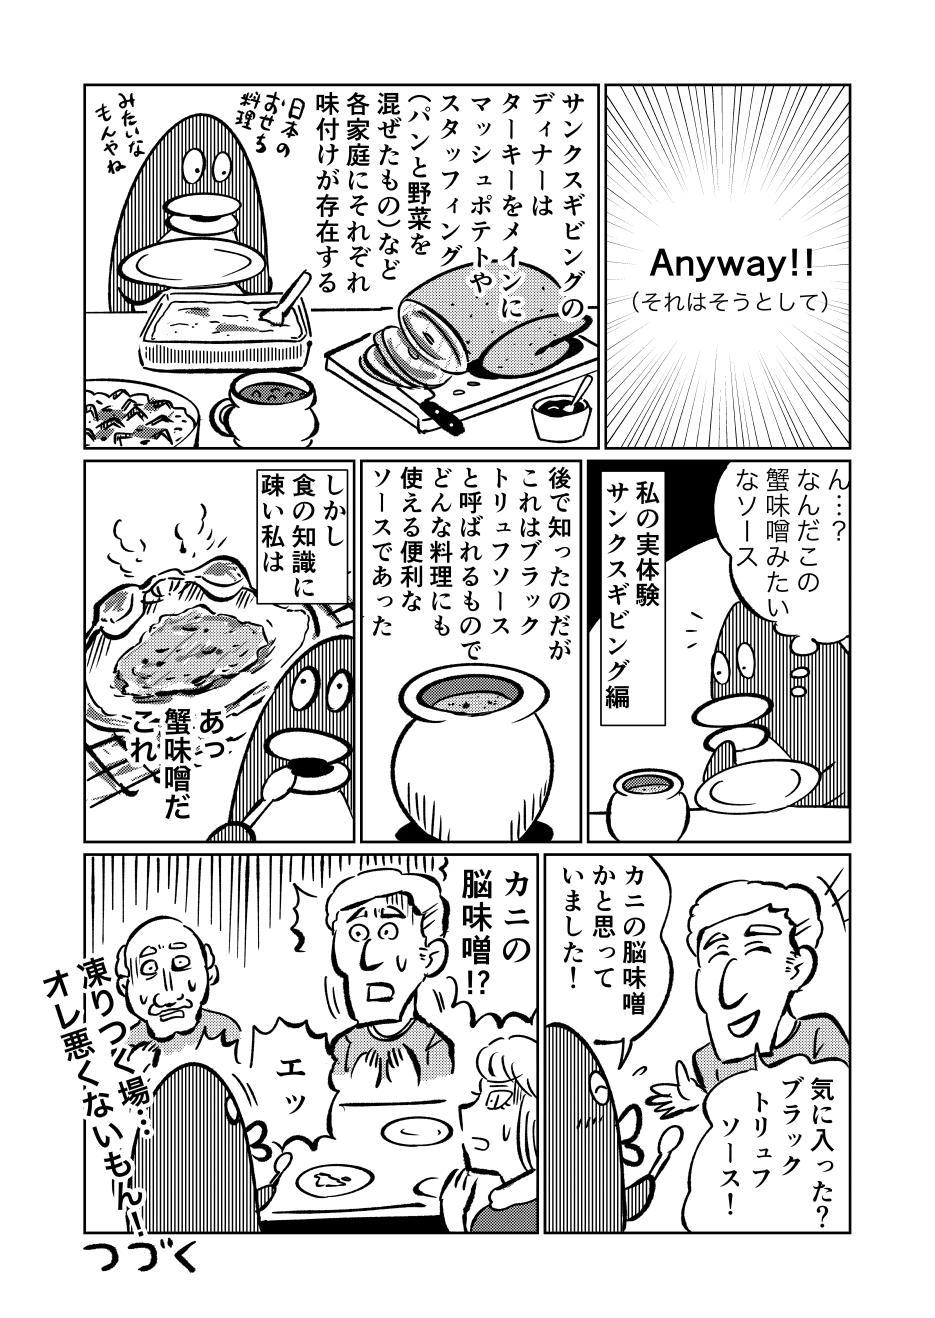 https://www.ryugaku.co.jp/blog/els_portland/upload/8F11473F-D709-4377-B5BA-F65481FB29D8.jpeg